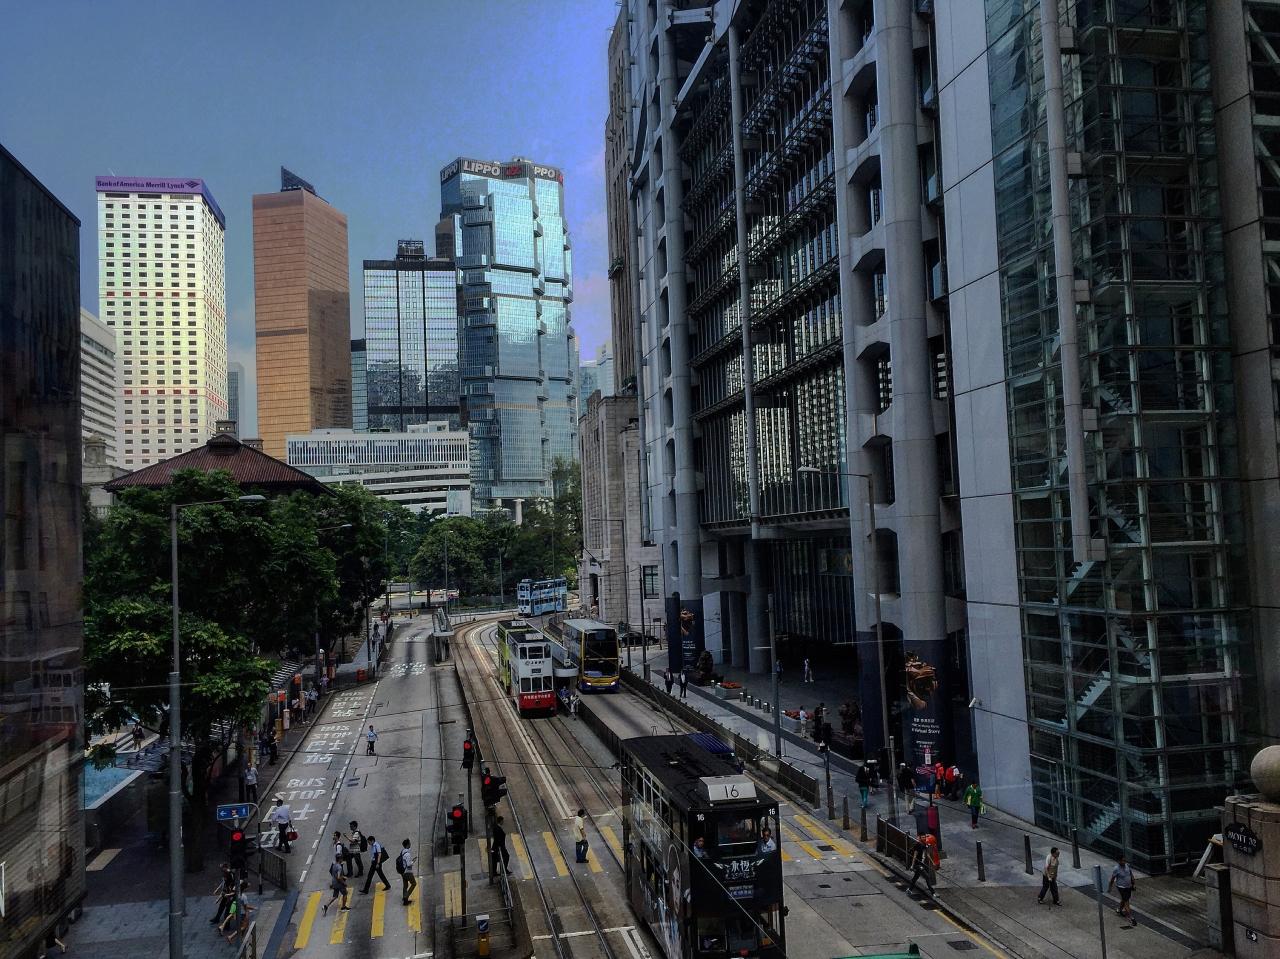 香港 #AlreadyTomorrowInHongKong- Adventuring without #TARDIS | Ding Dings - Hong Kong iconic Trams- Not just another word for a Zygon Detector...... Photographer @KevinJamesNg 2016